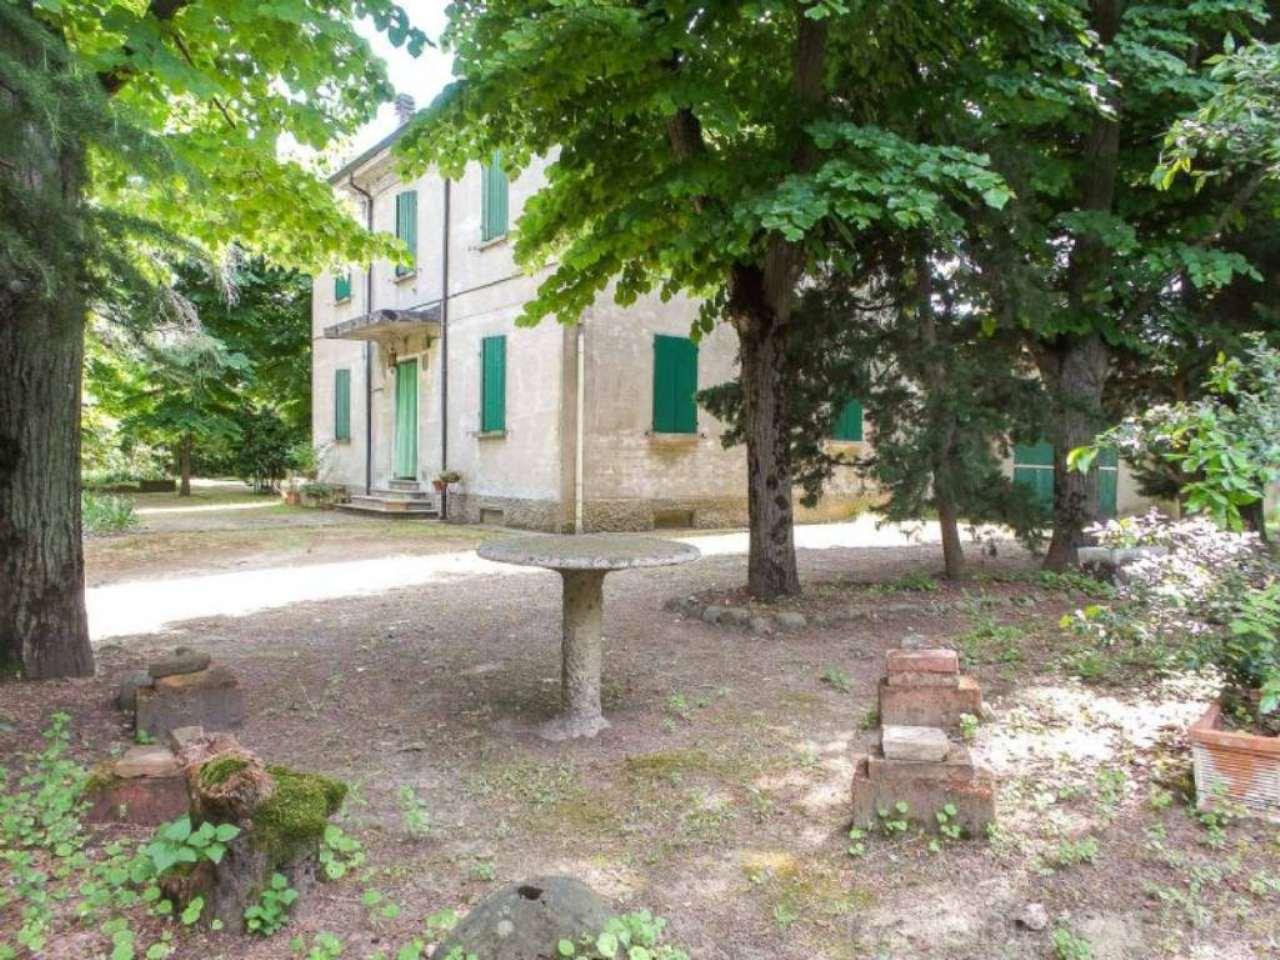 Palazzo / Stabile in vendita a Cesena, 10 locali, Trattative riservate | CambioCasa.it